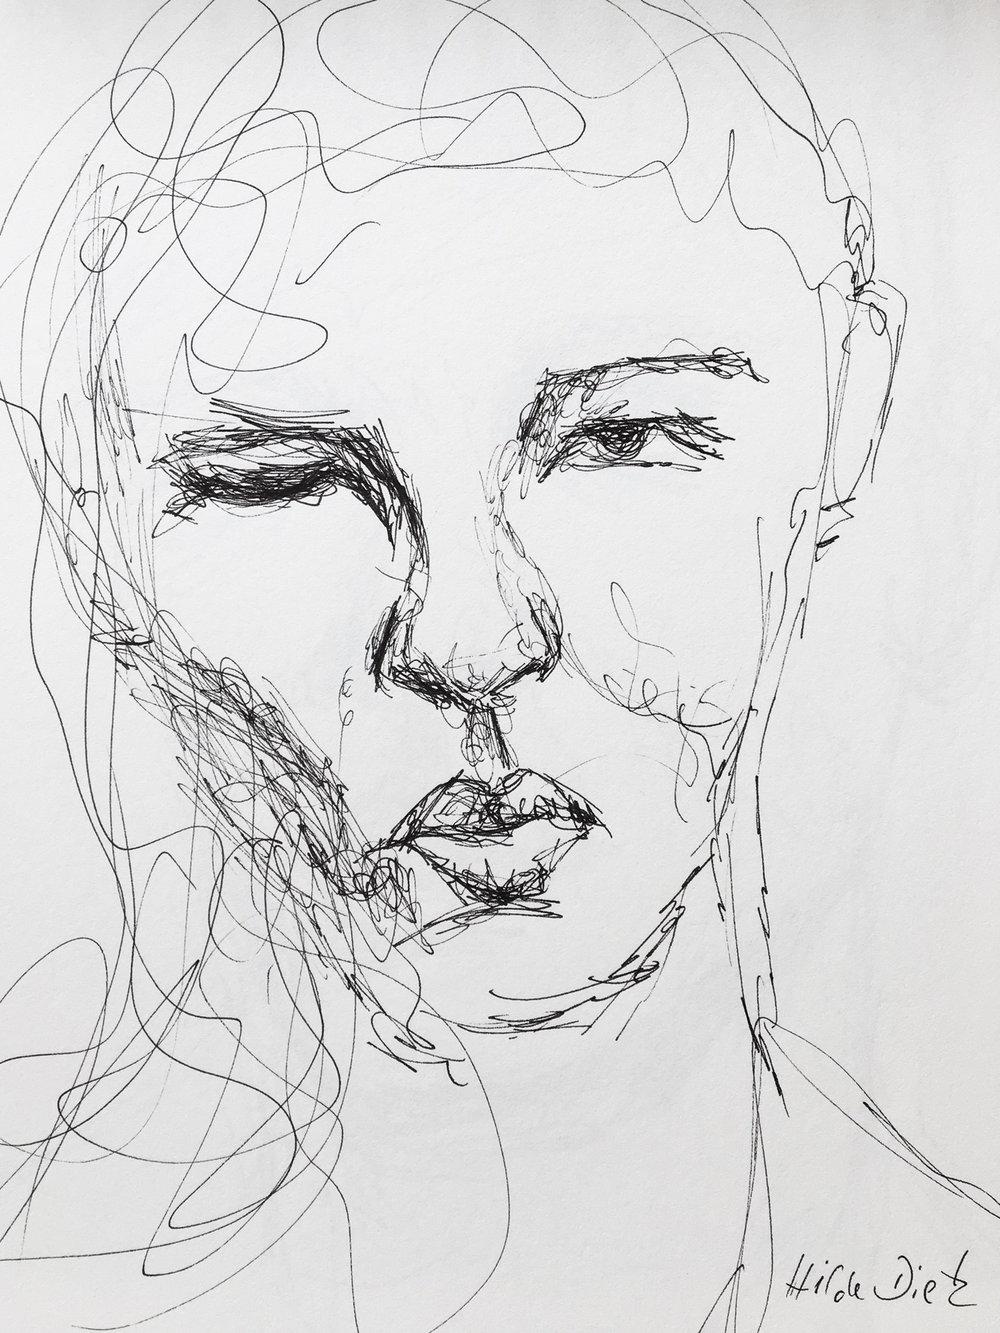 Hilde_Dietz_Menschenbilder_Zeichnung_Skizzen_2_13.jpg